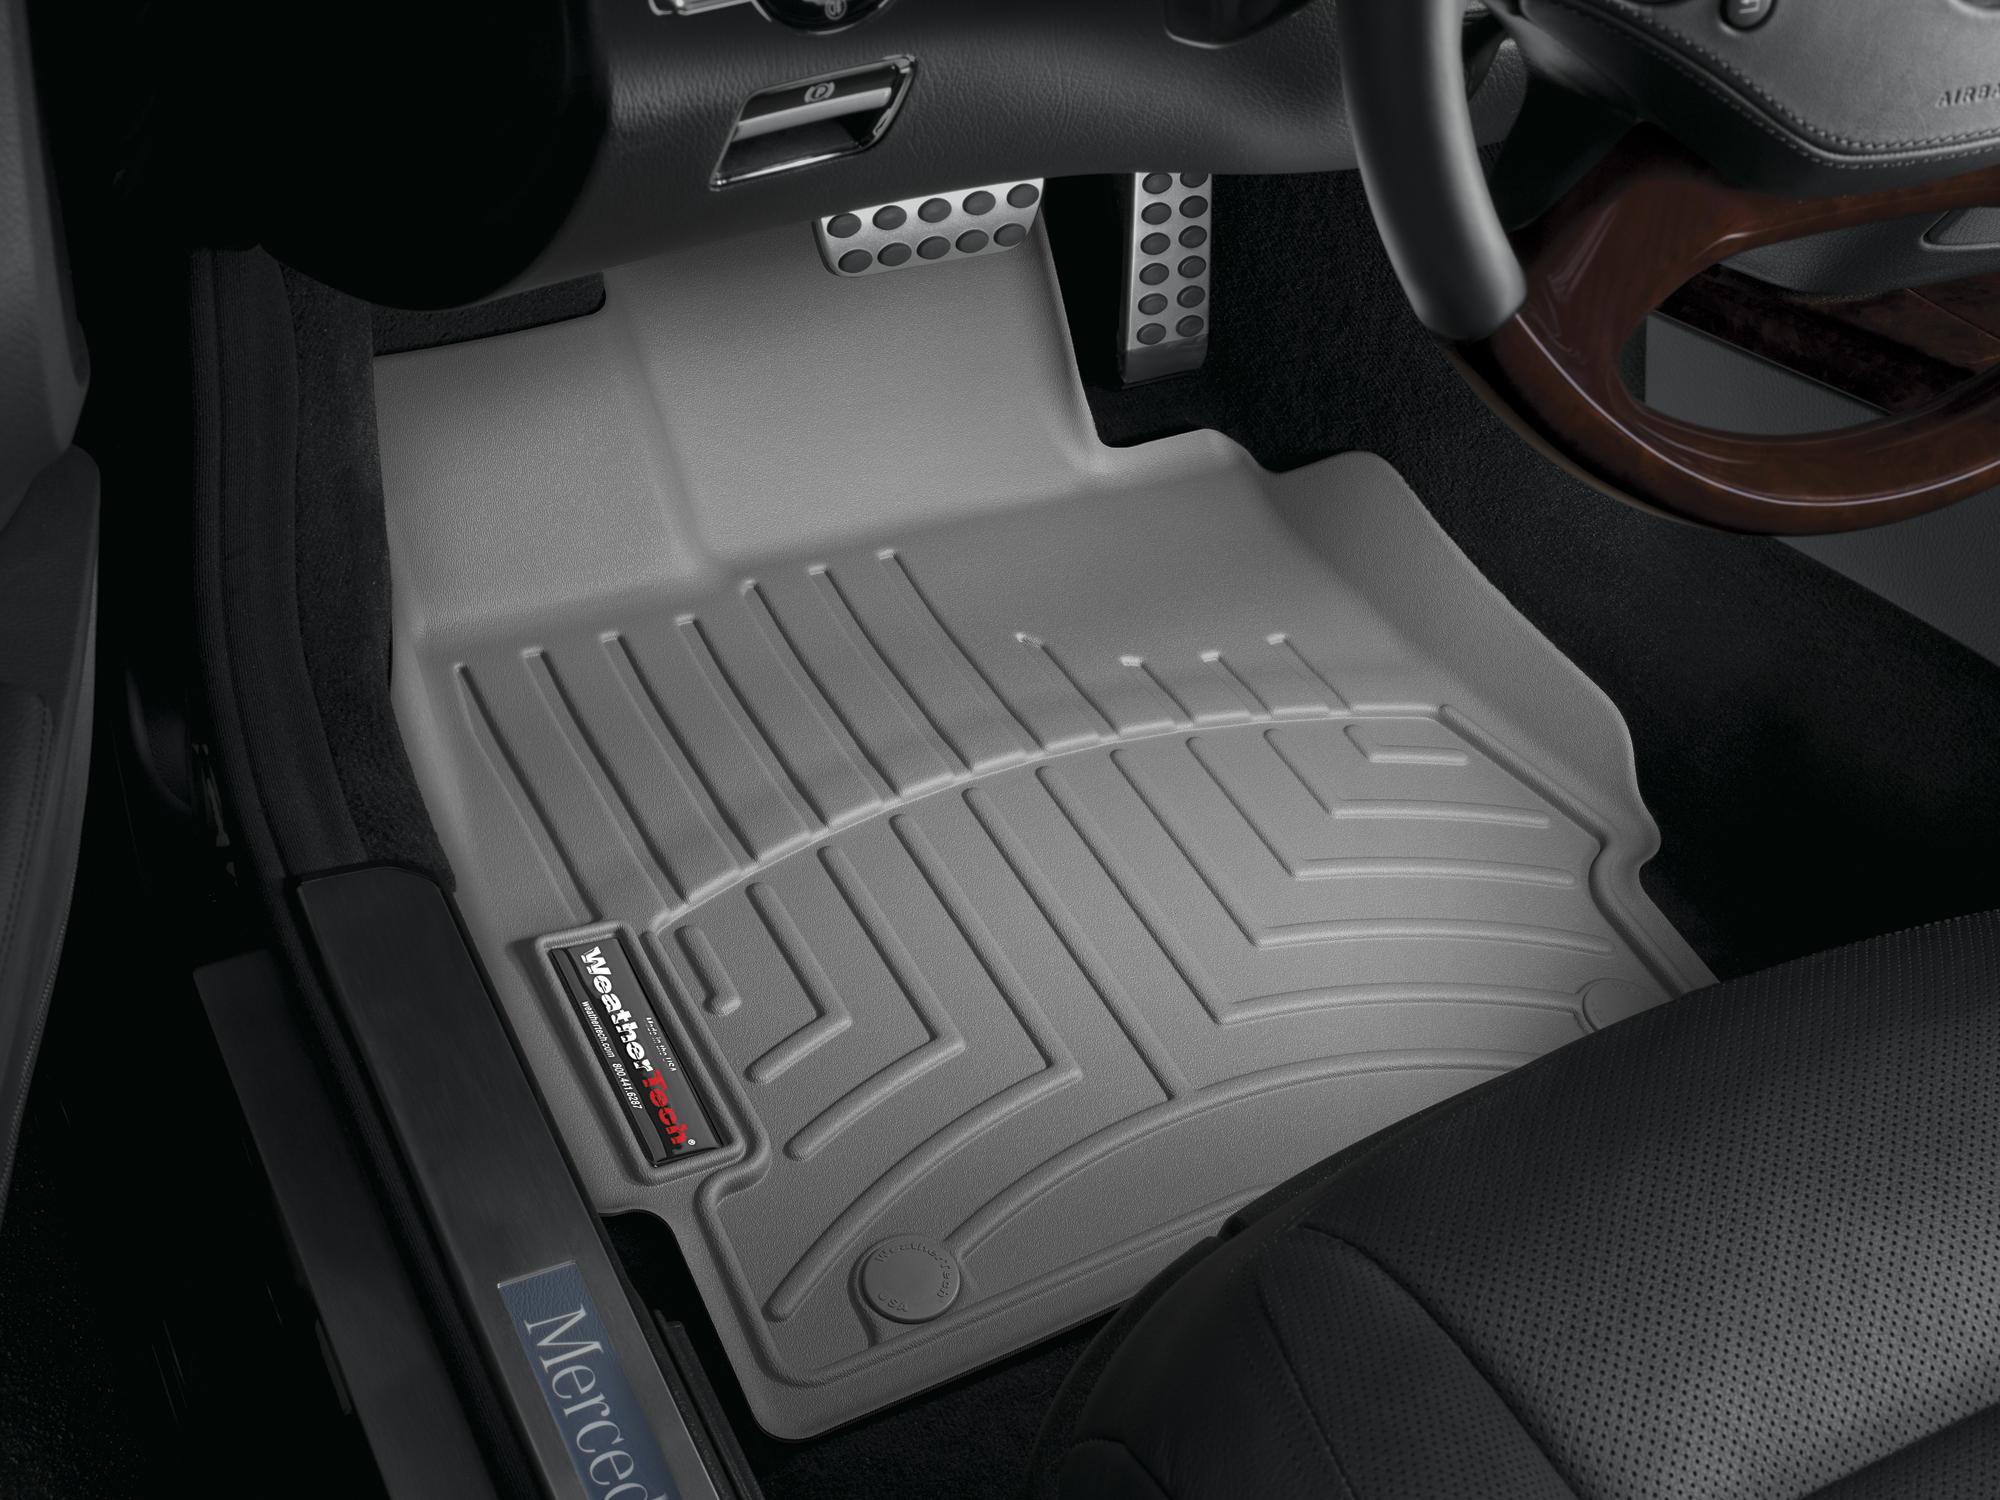 Tappeti gomma su misura bordo alto Mercedes S-Class 06>12 Grigio A2552